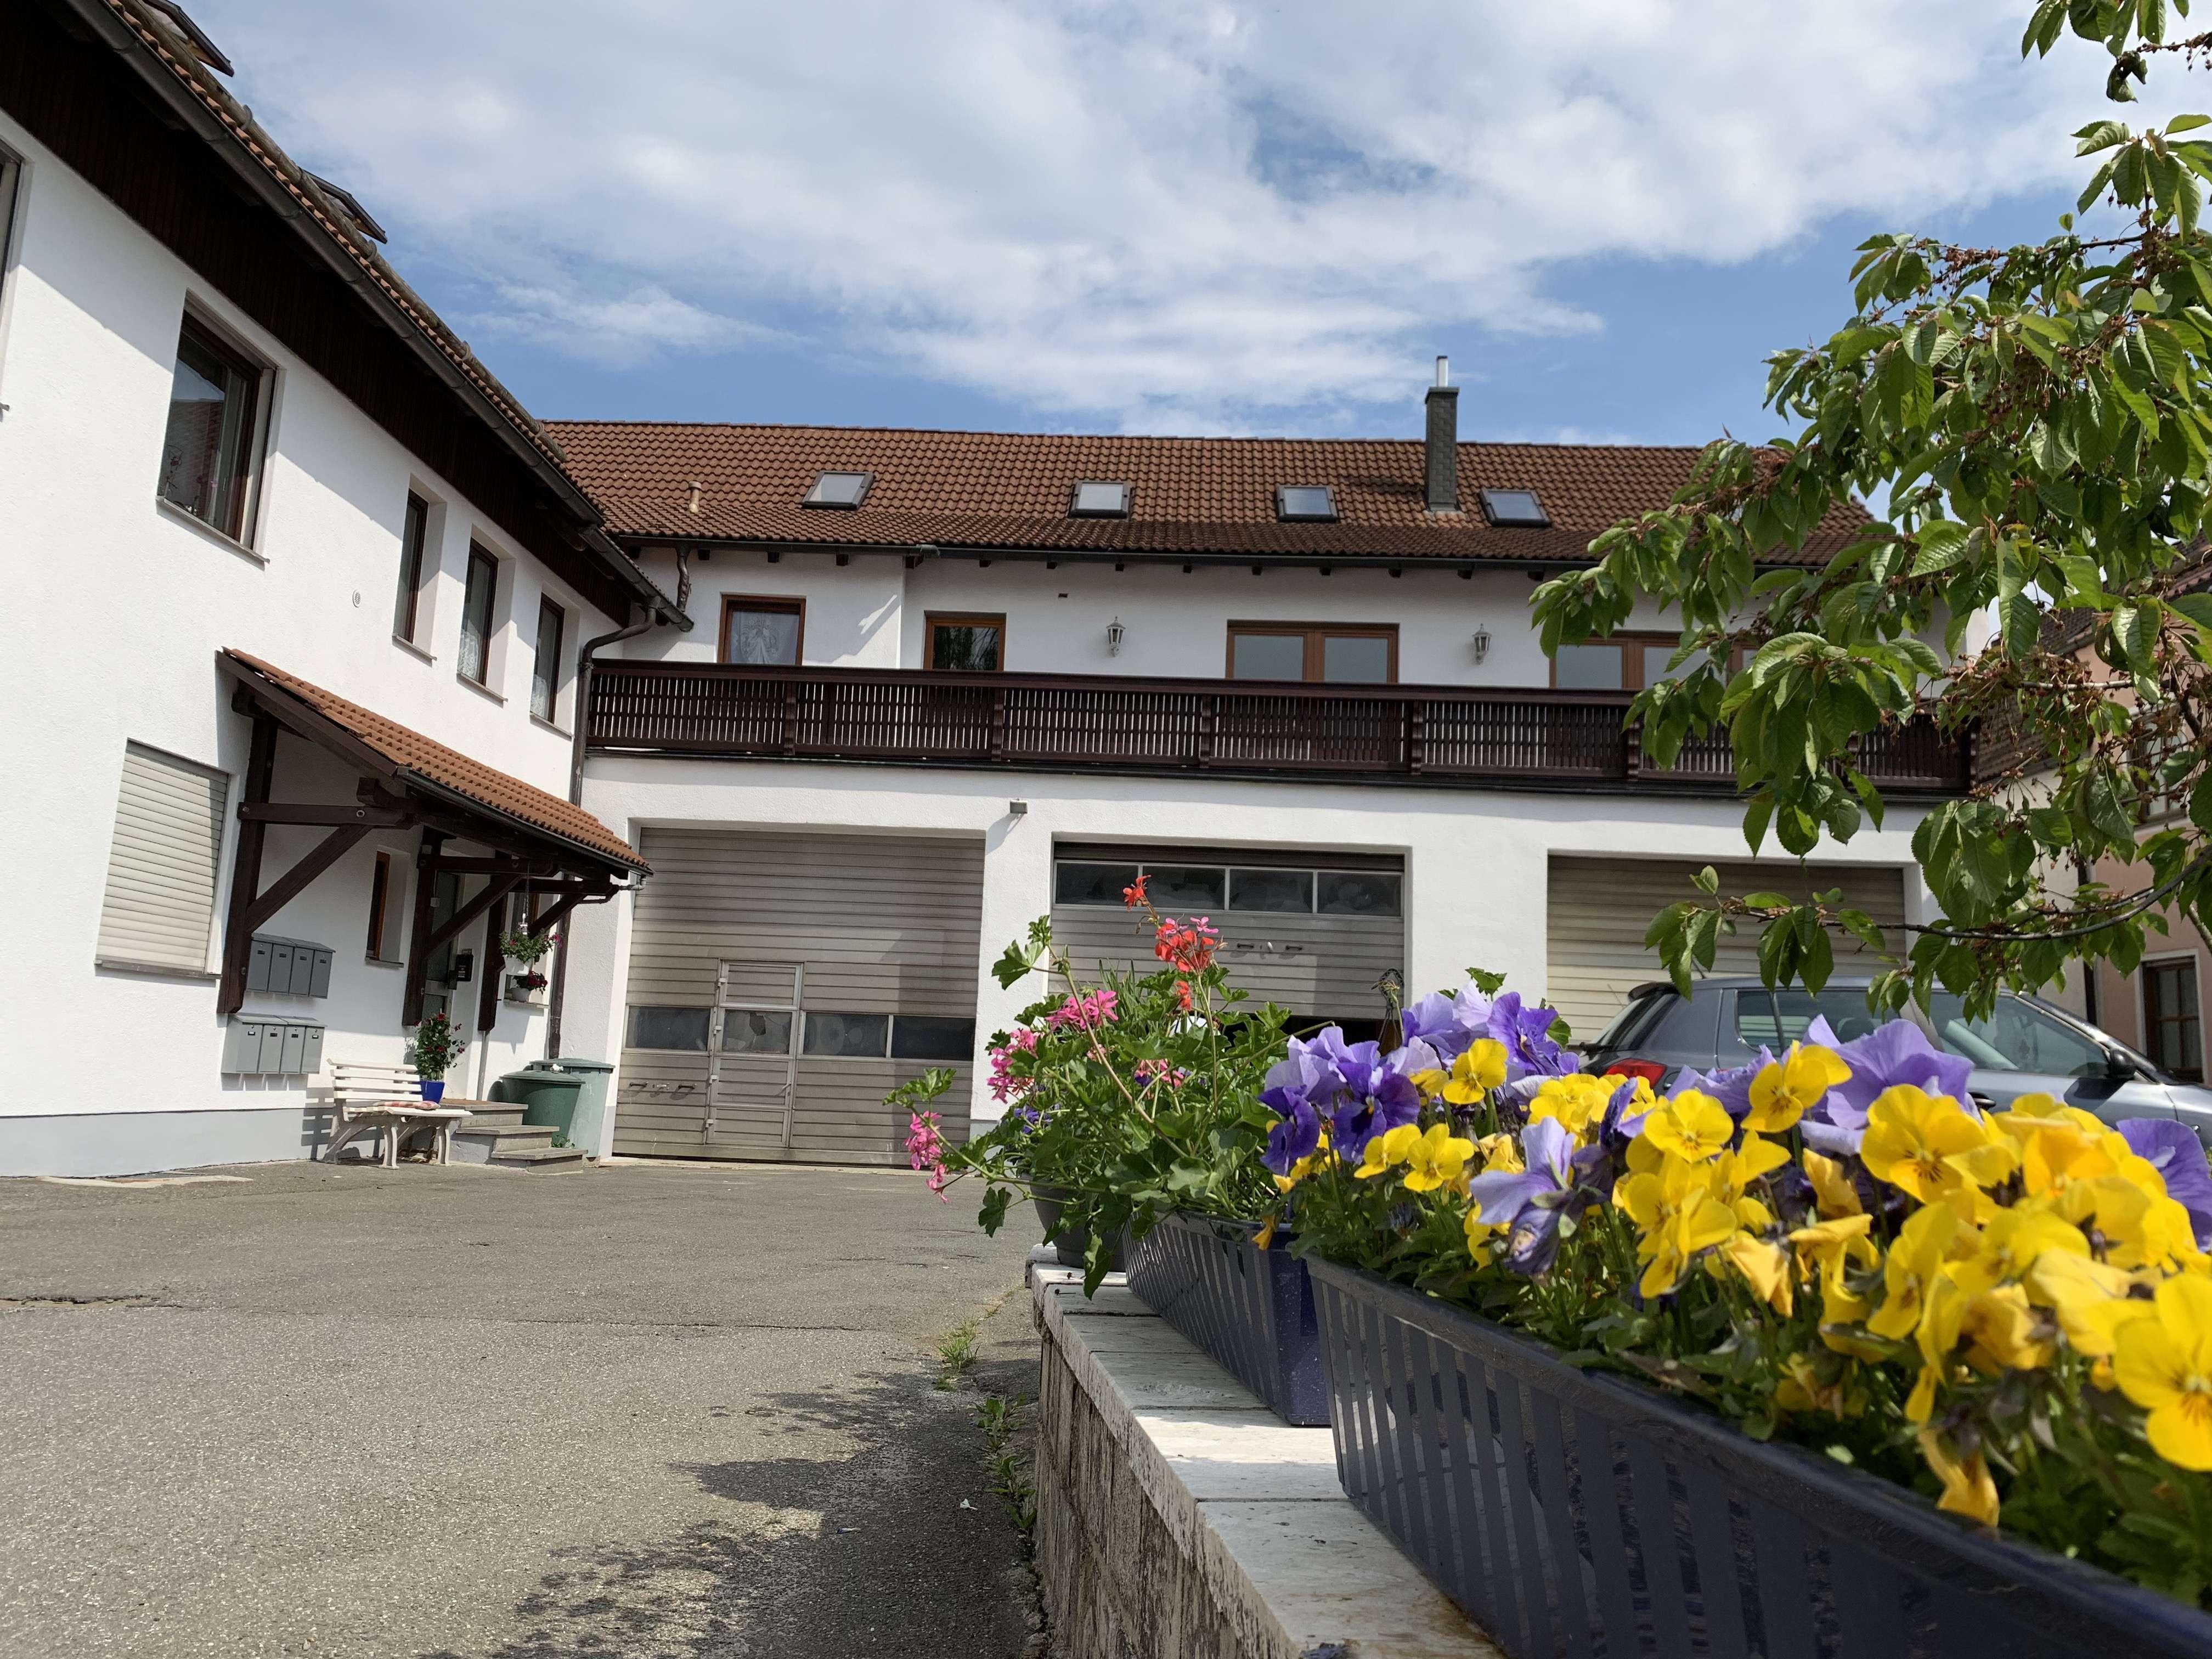 Schöne, gemütliche 5-Zimmer Wohnung auf 2 Etagen zu mieten + große Garage / Werkstatt in Schönsee